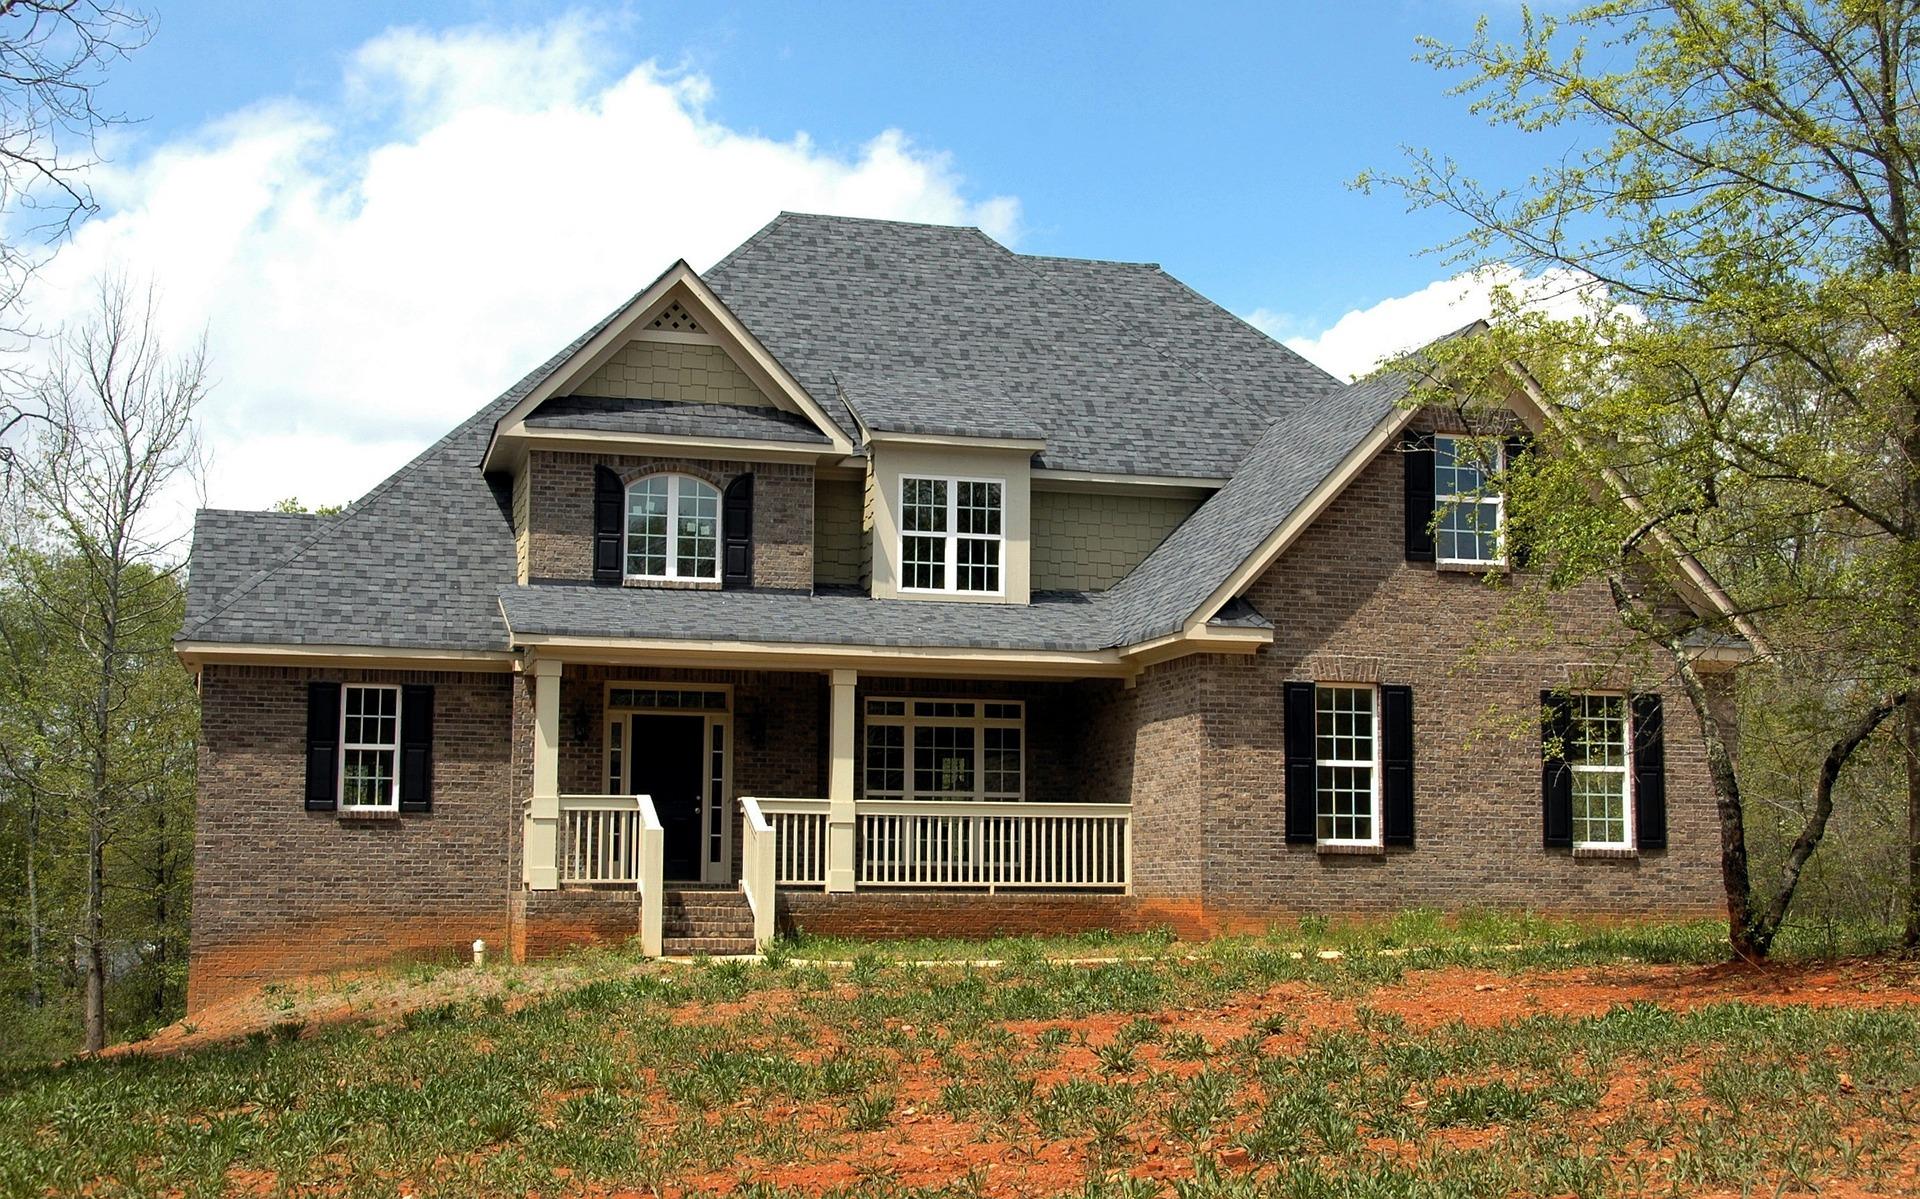 マイホーム(持ち家)は資産か負債か。不動産屋がそれを言っていいのか。